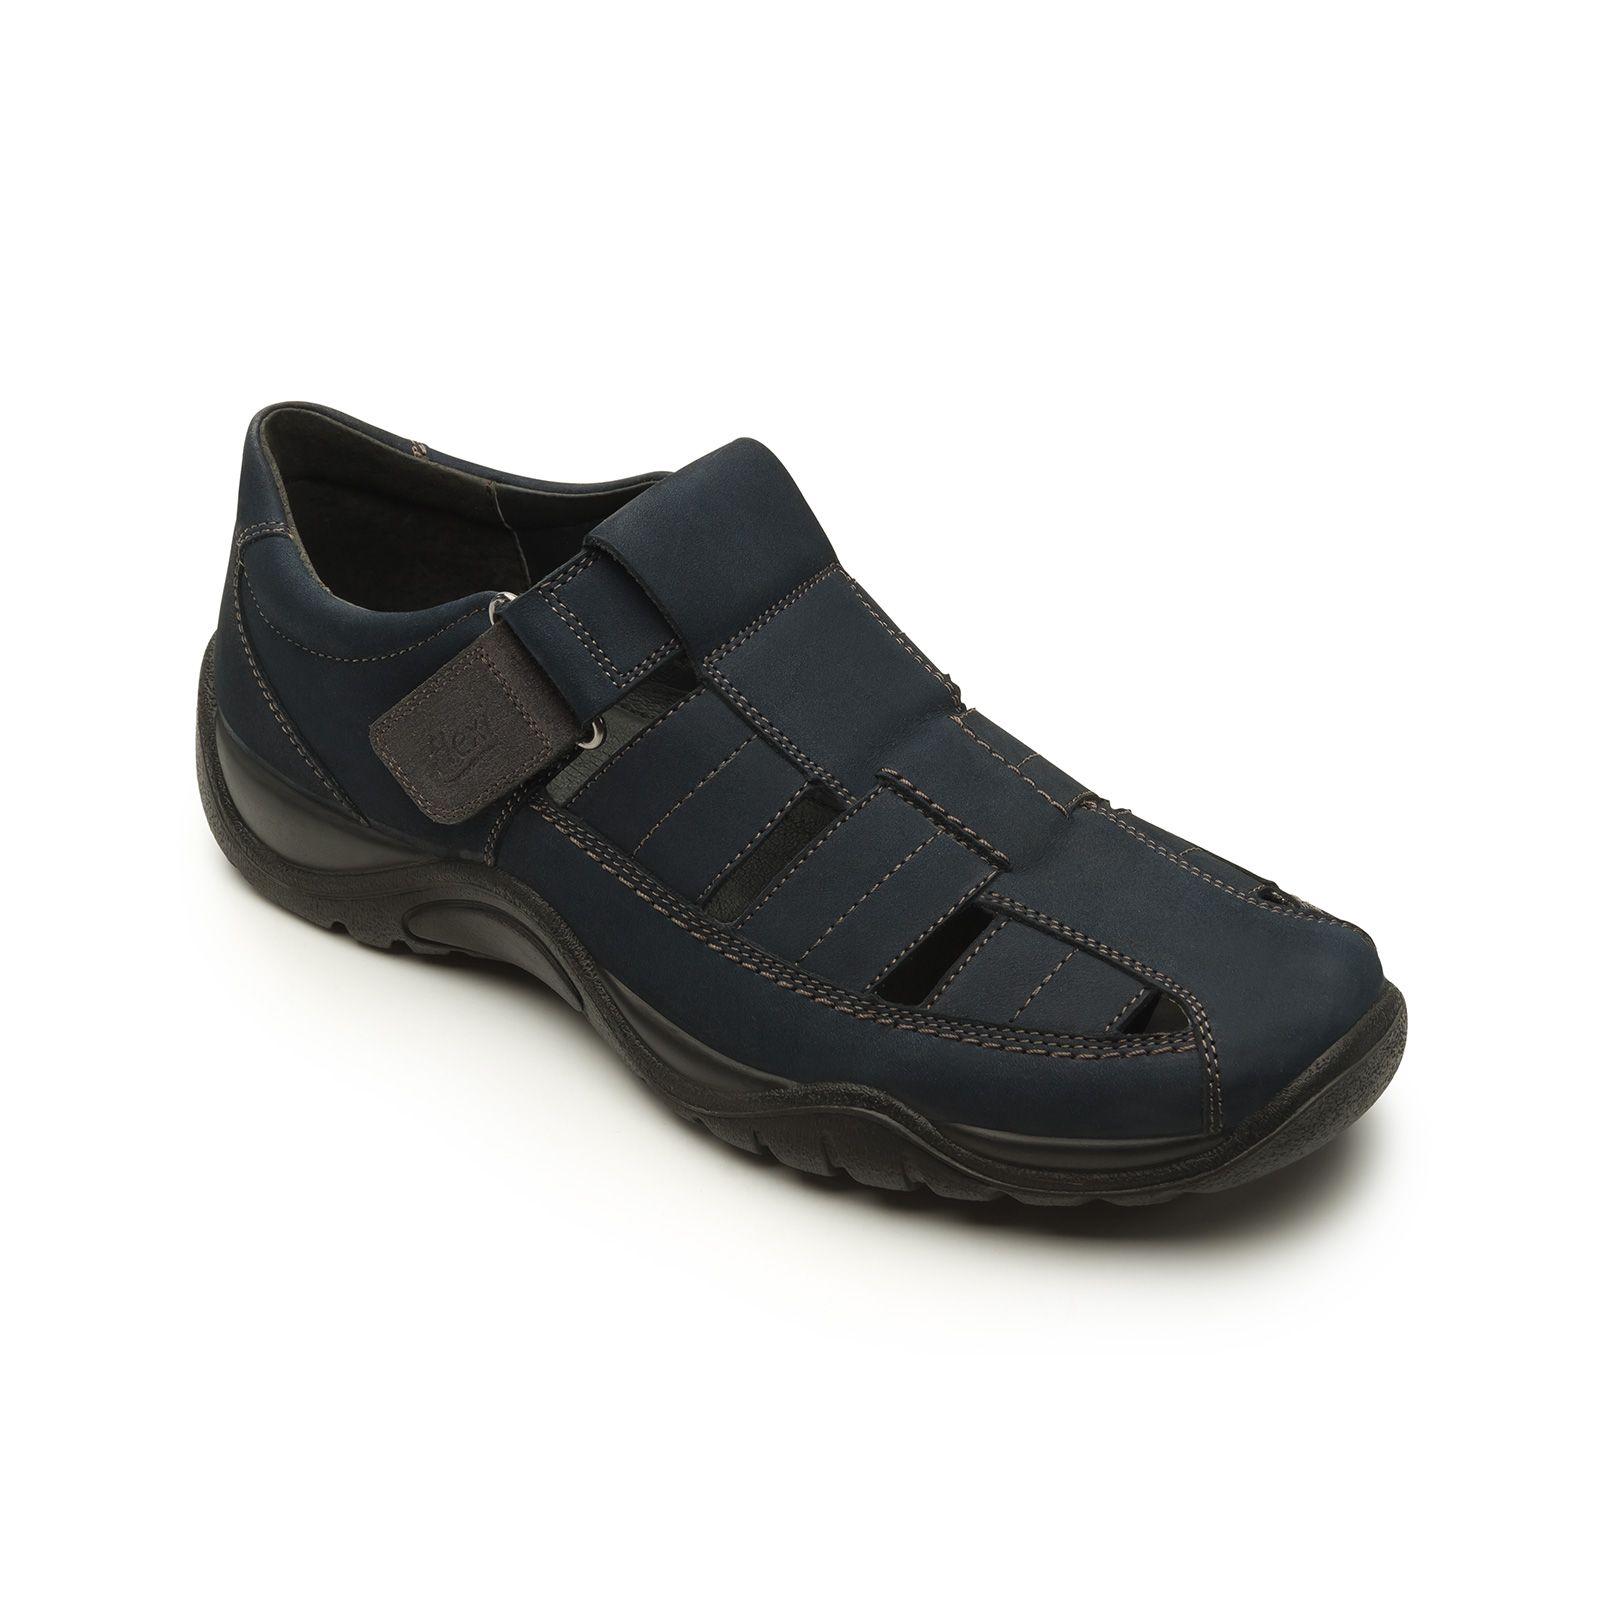 beda6de7e05 Sandalia hombre - Flexi México -  shoes  zapatos  fashion  moda  goflexi   flexi  clothes  style  estilo  summer  spring  primavera  verano